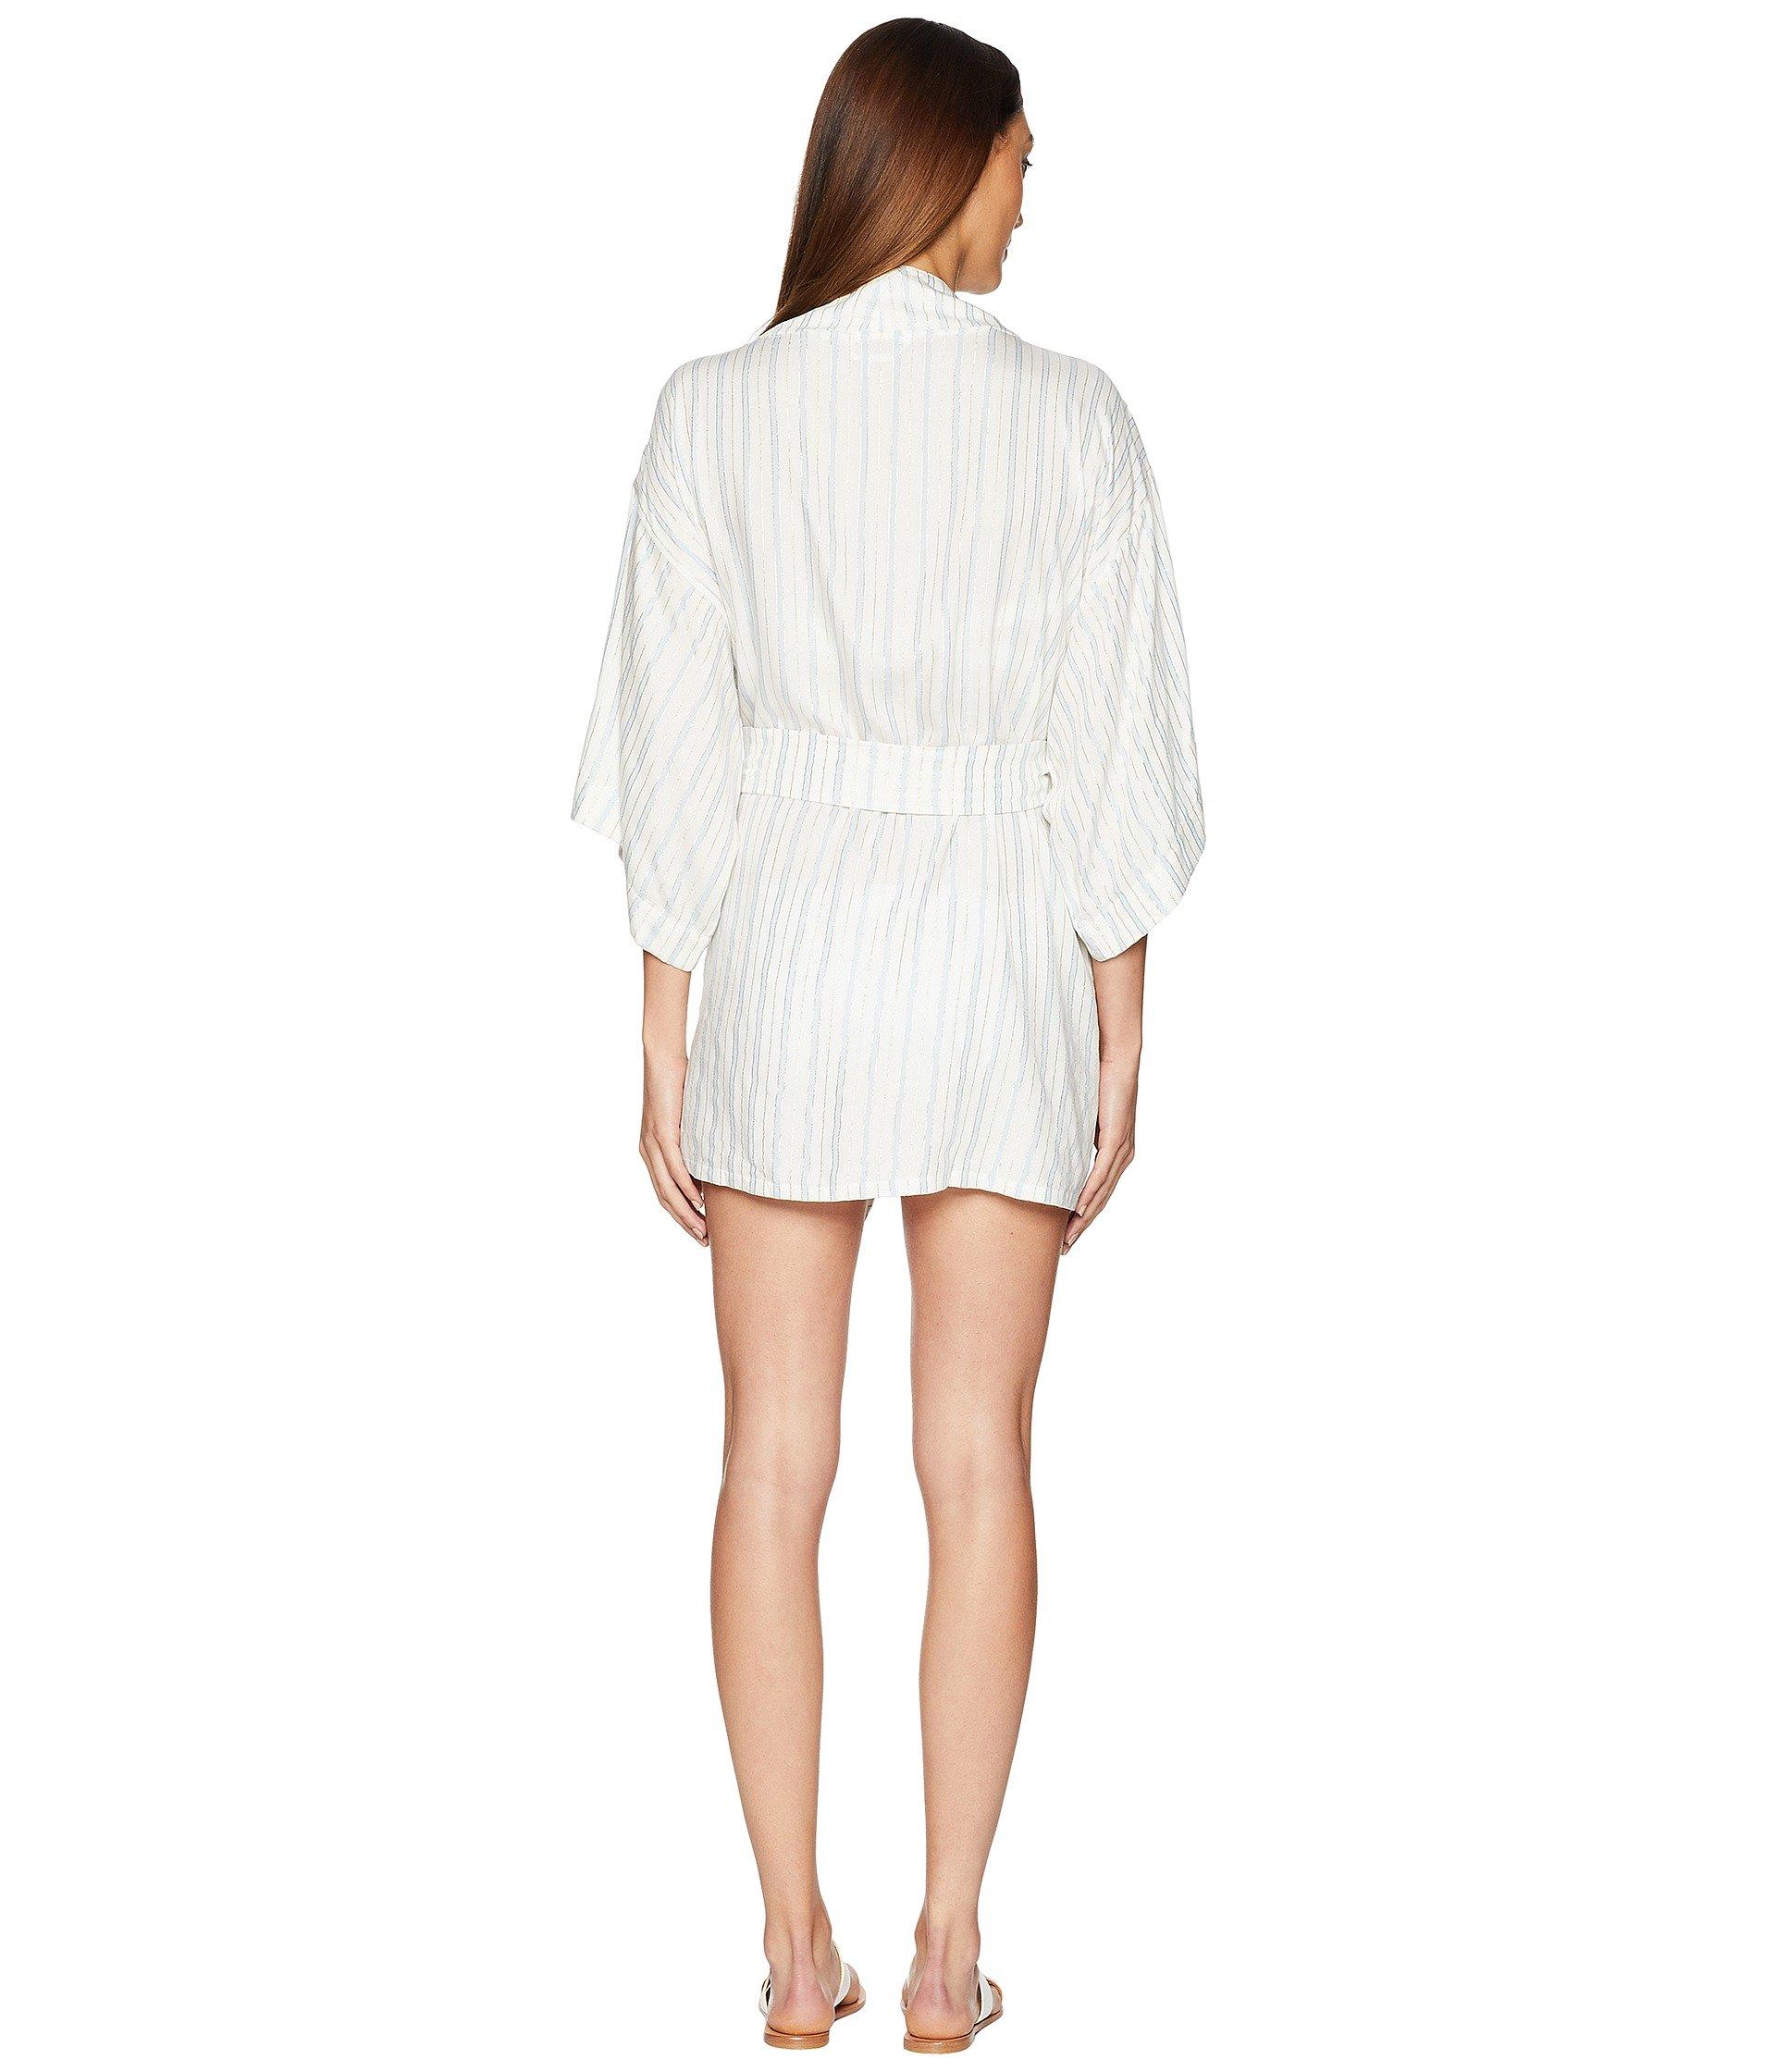 Onia Onia Kimono White Onia Gina White Kimono Gina Multi Gina Multi 5TaxFwCnfq